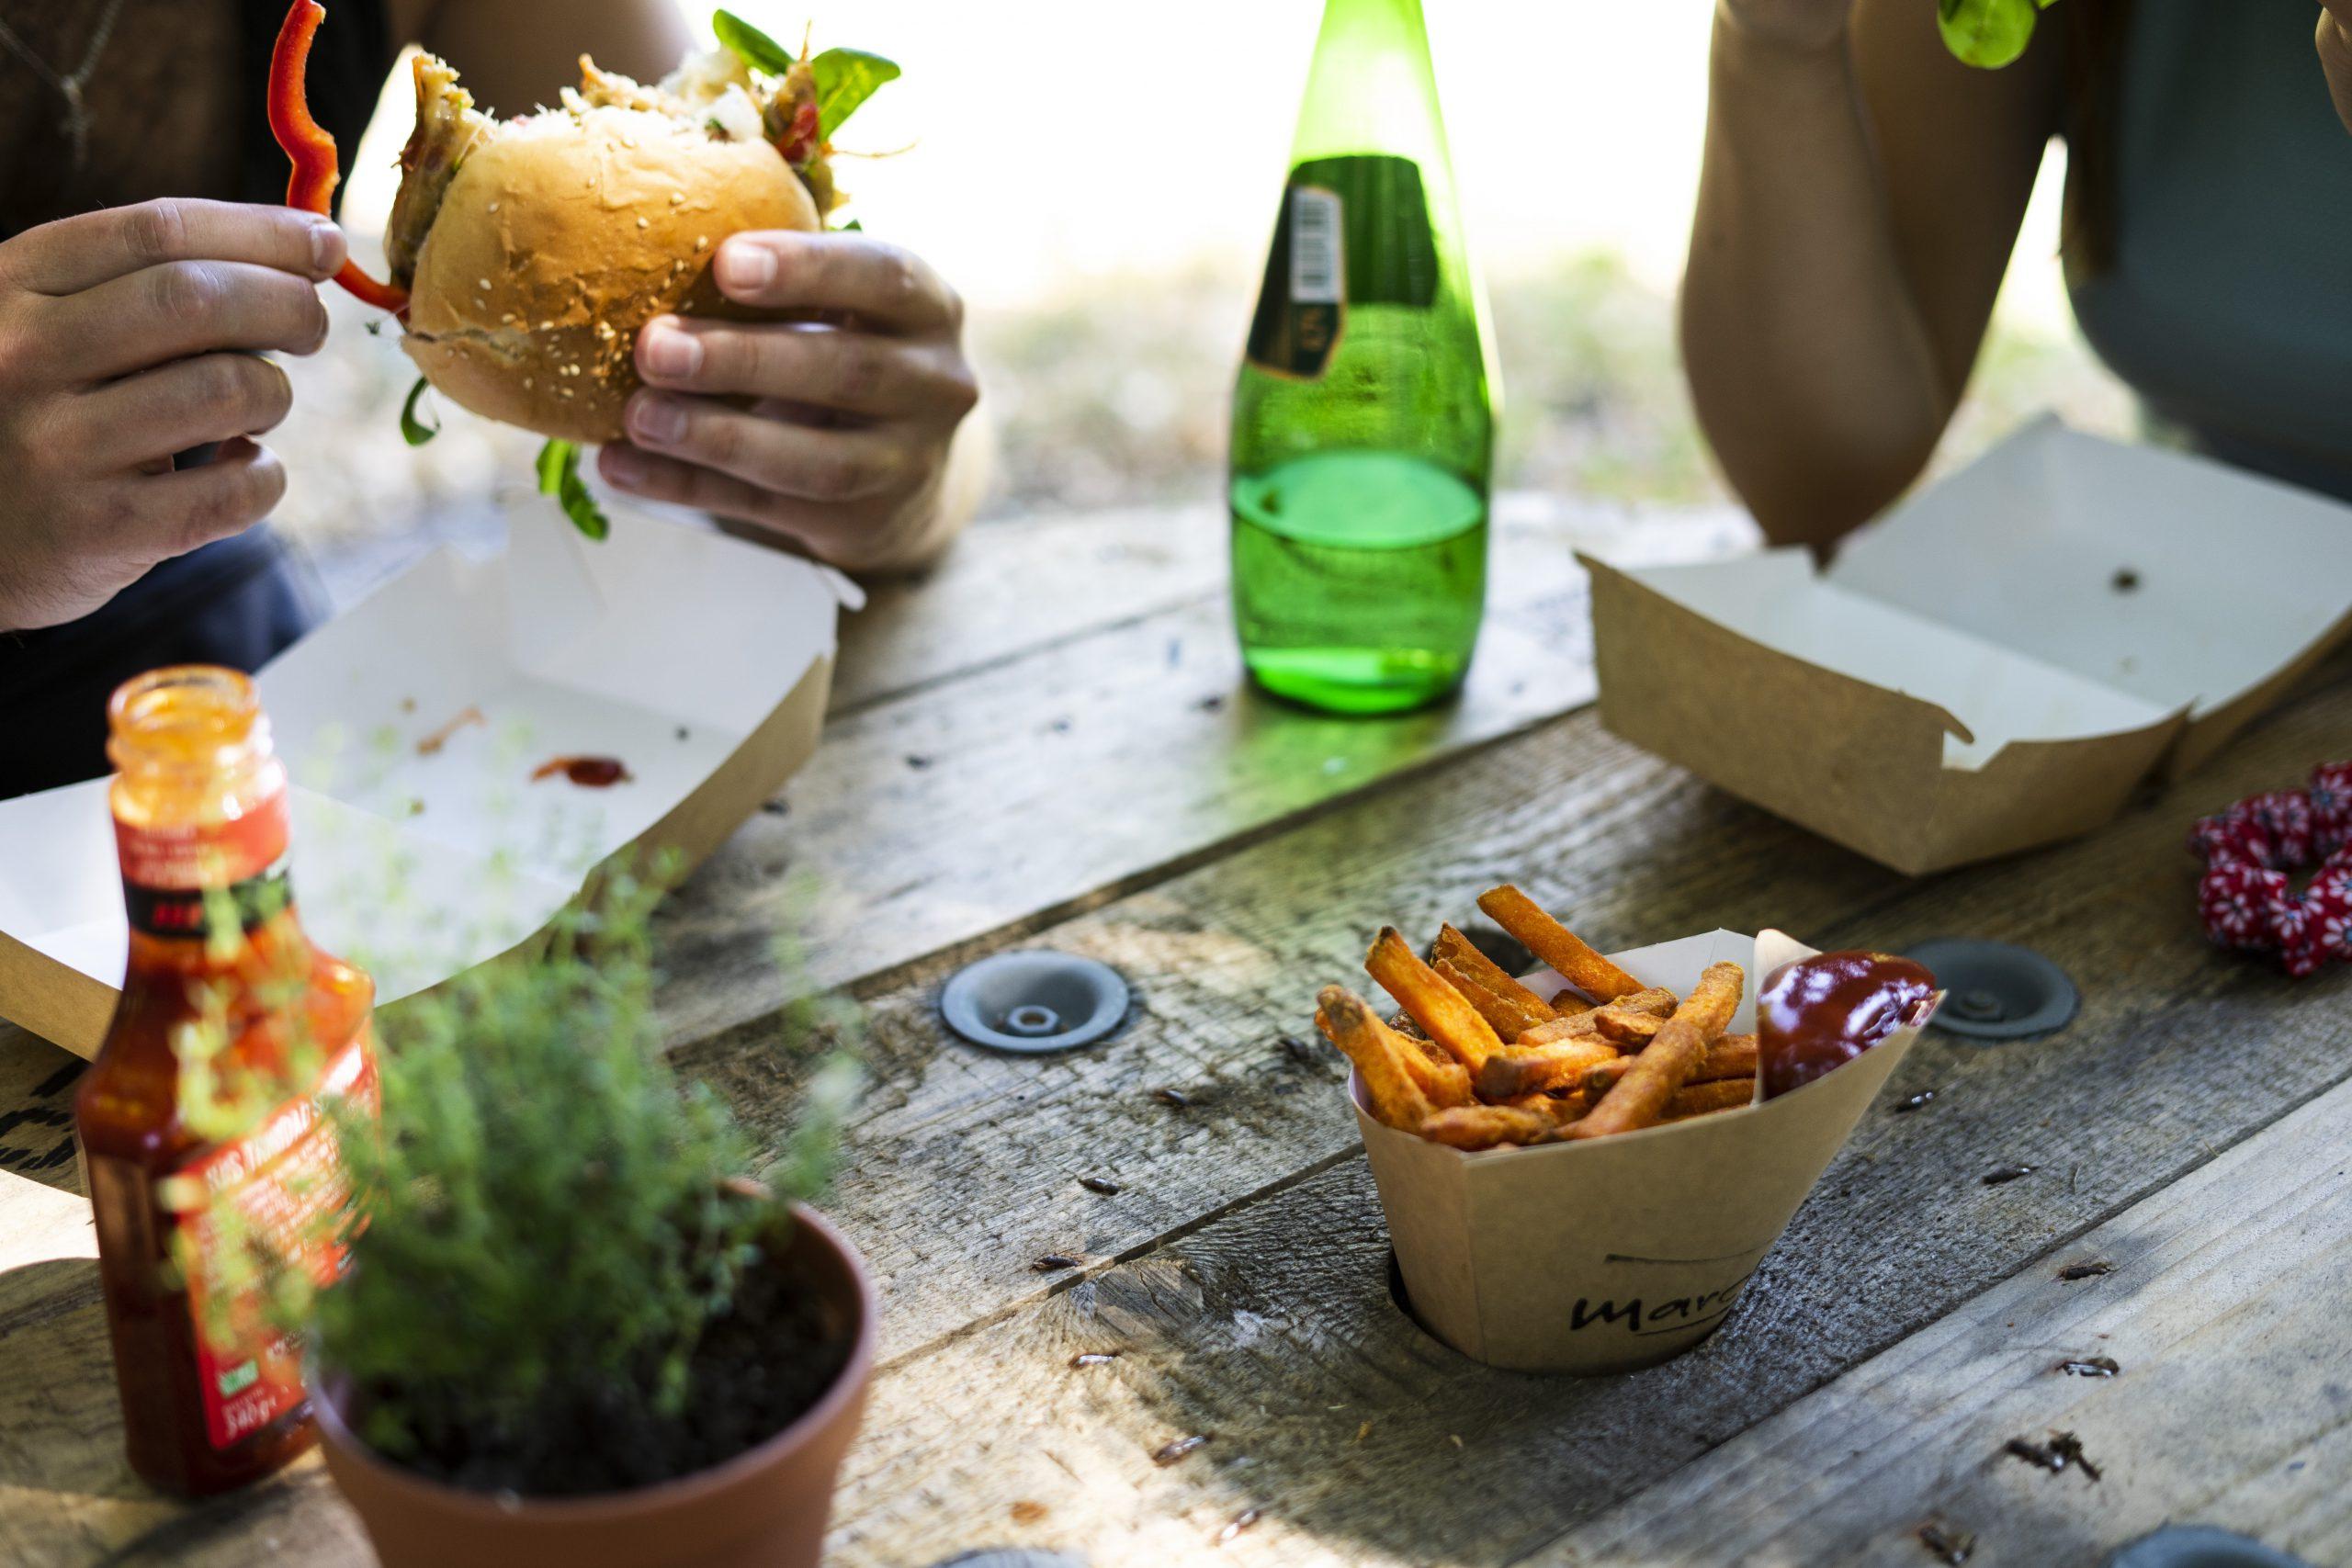 Zdrowe, roślinne jedzenie - MarChef Food Truck